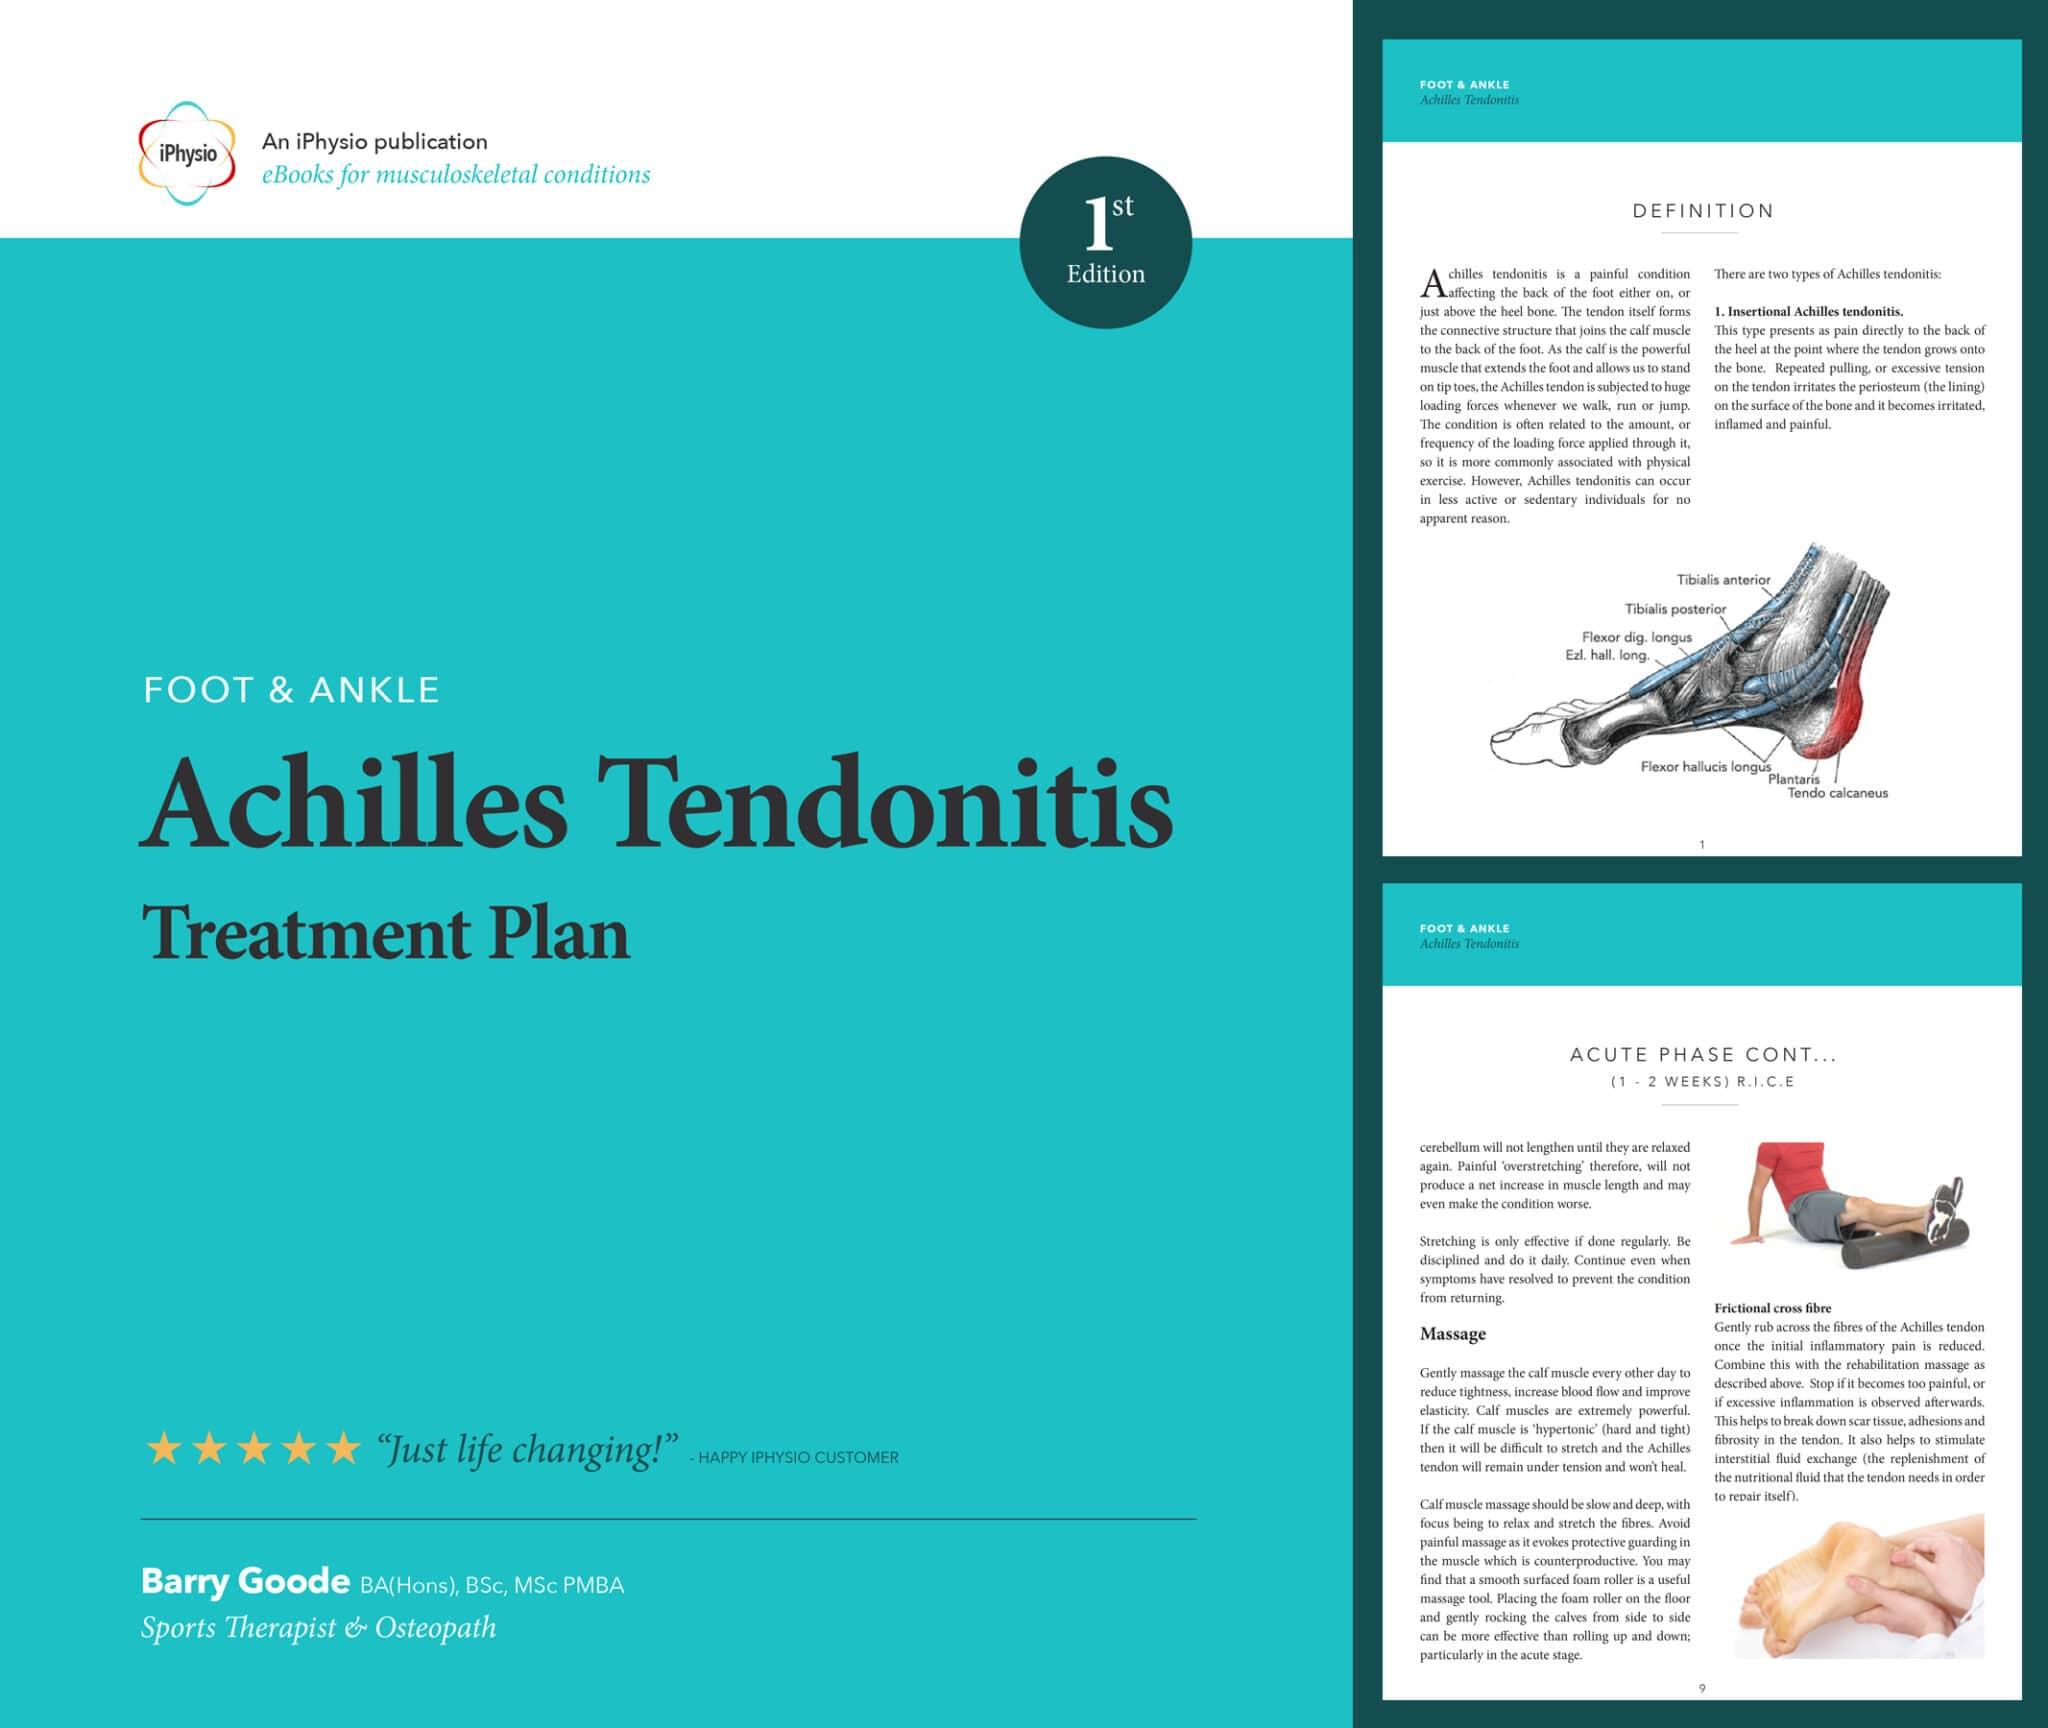 Achilles Tendonitis treatment advice